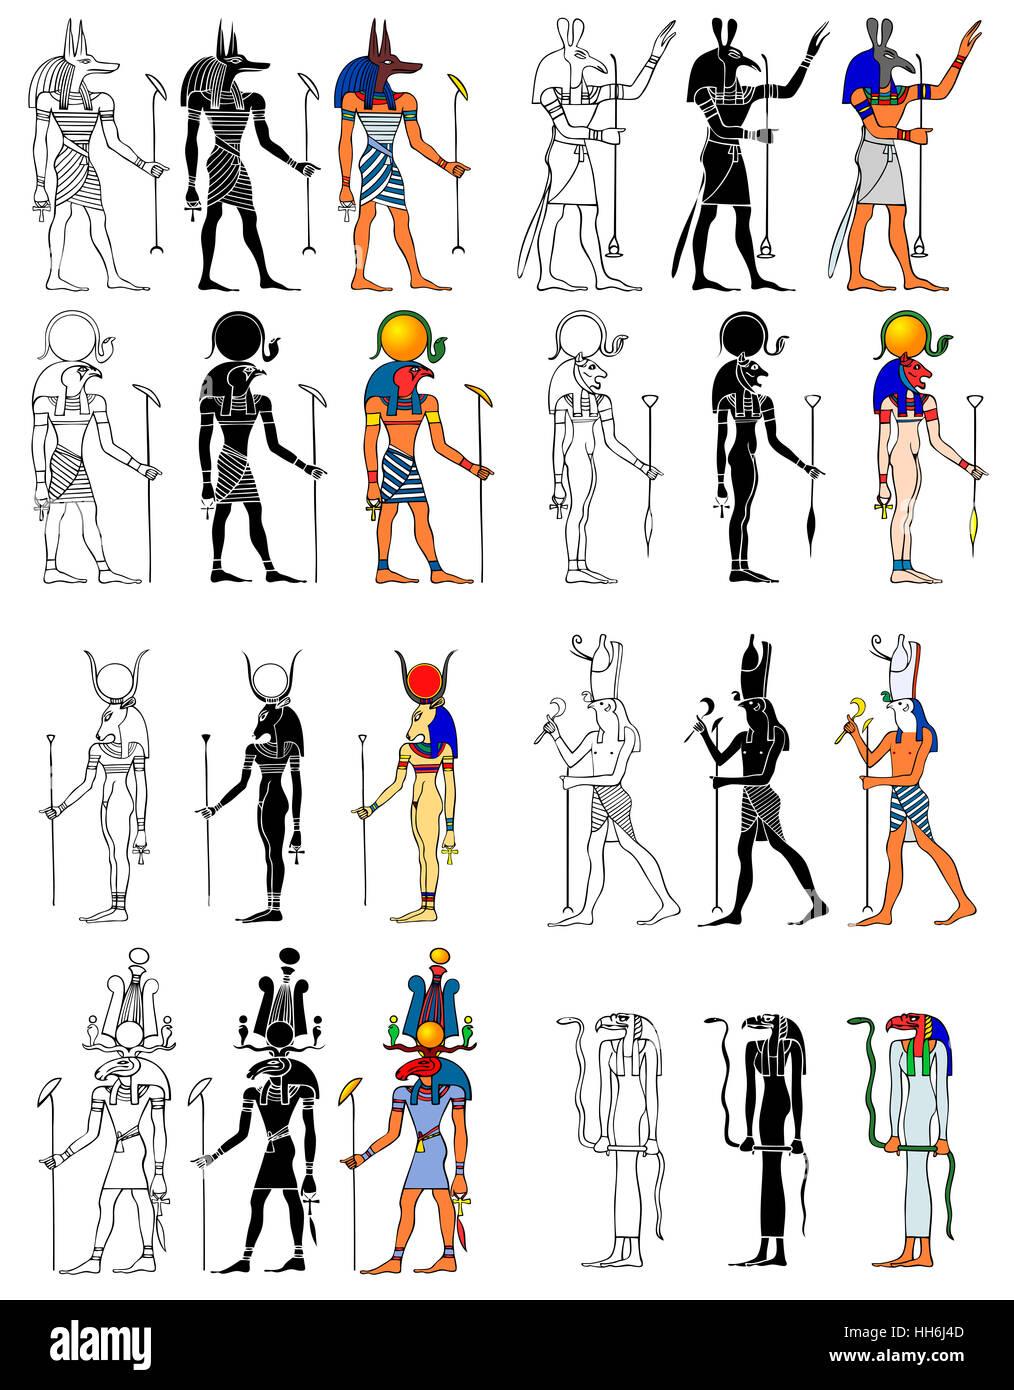 deuses e deusa do antigo egito ra set horus khensu bastet o